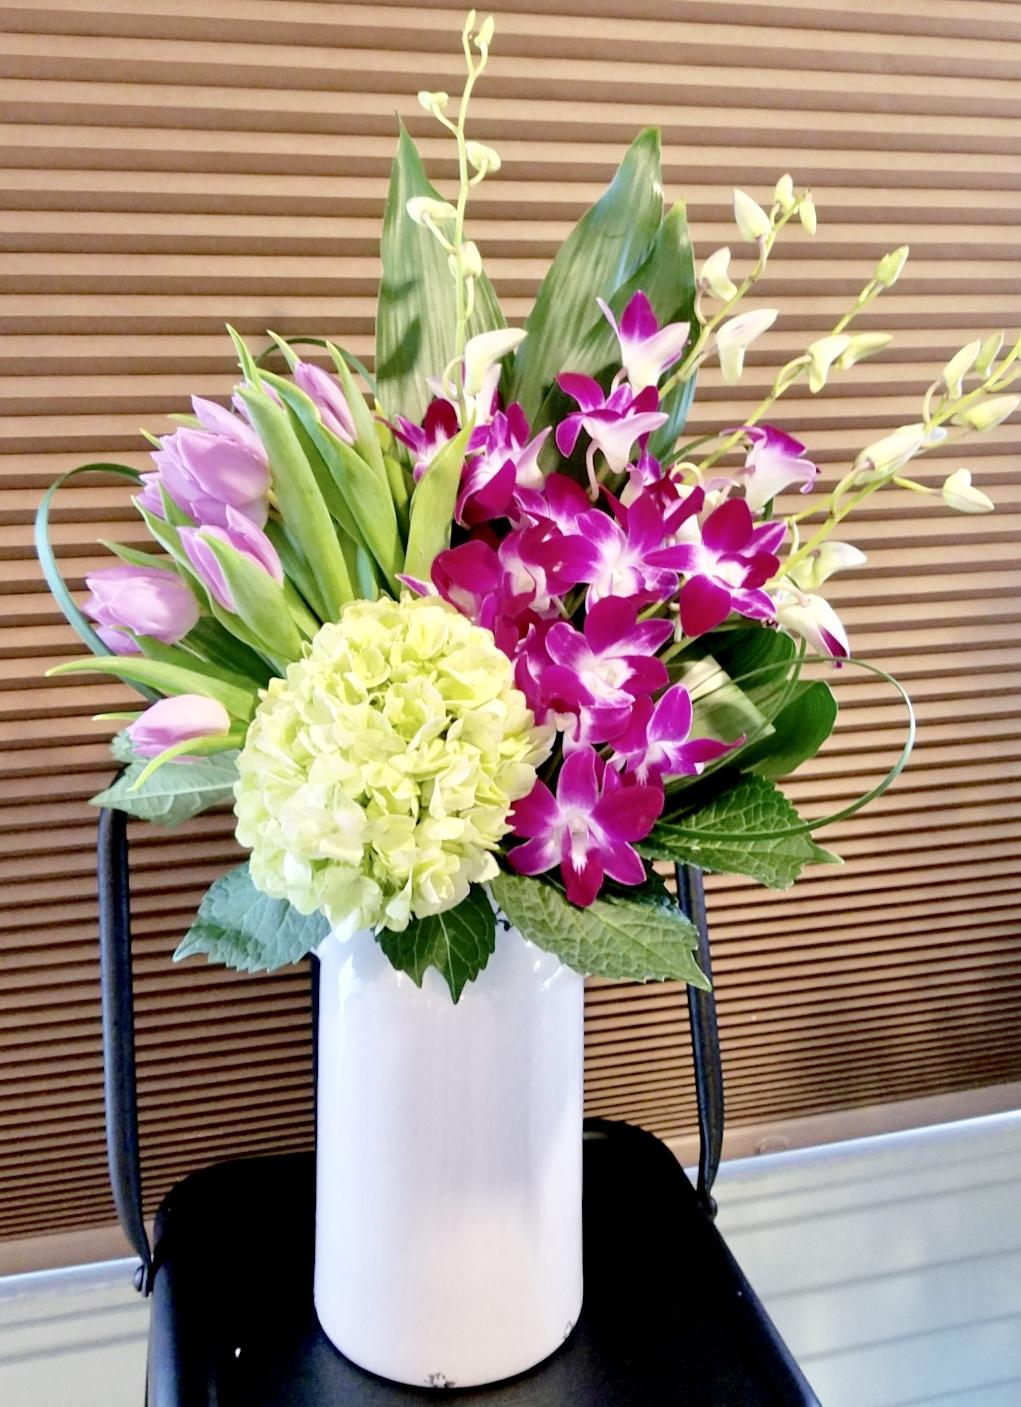 Large Spring Vase Arrangements